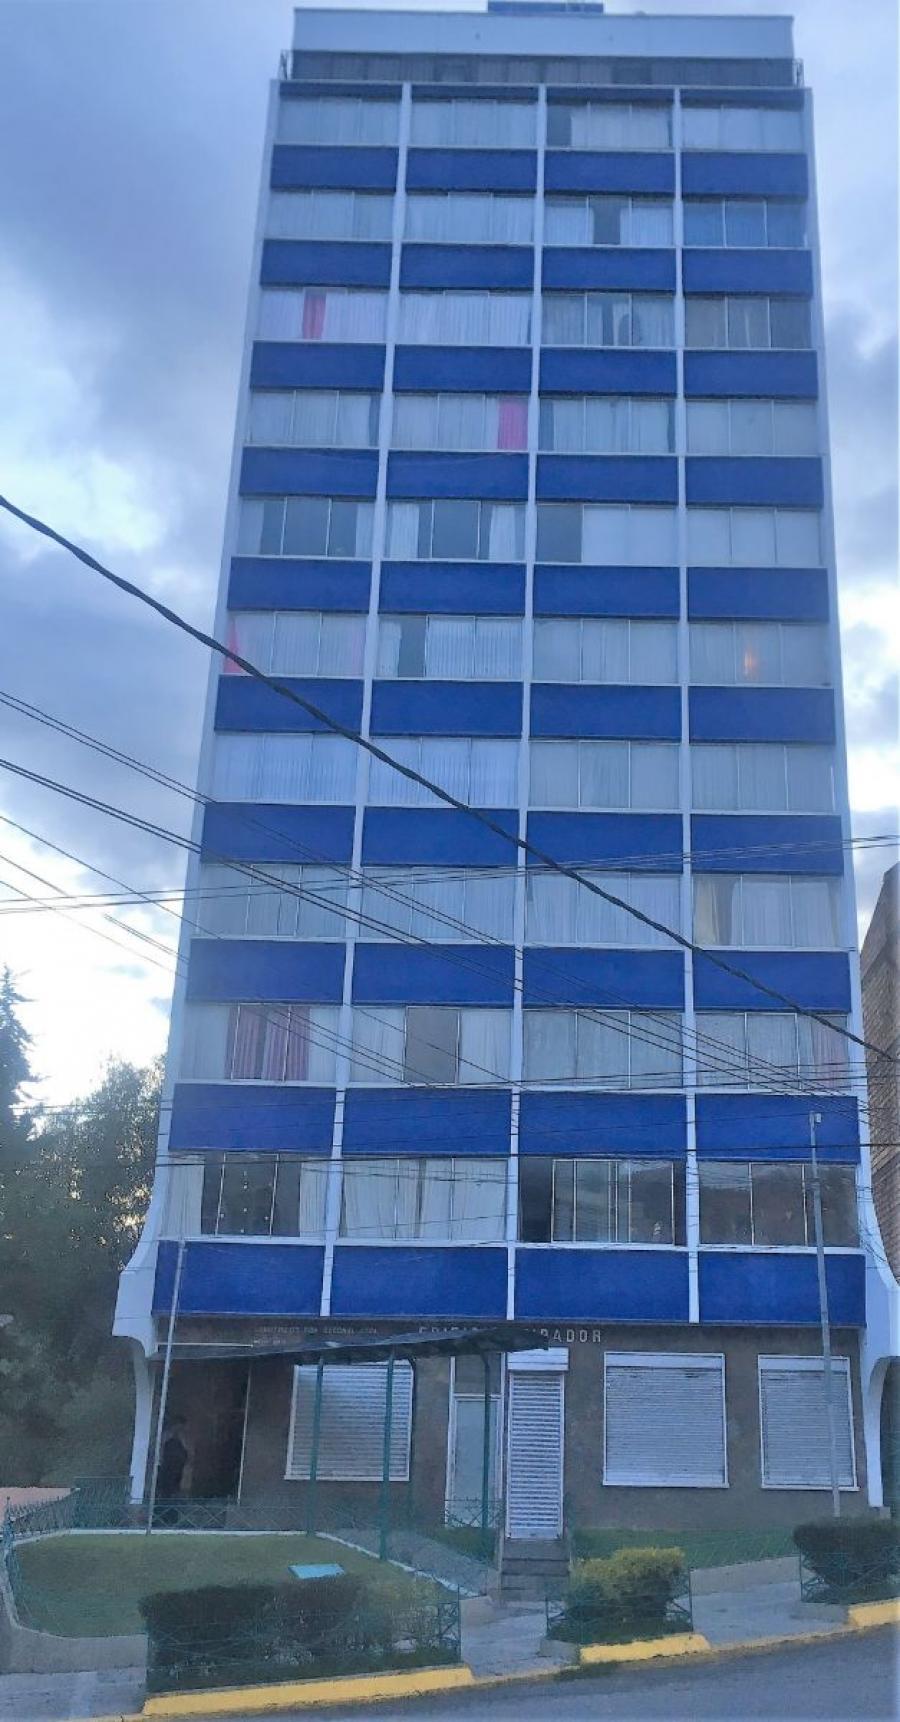 Foto DEPARTAMENTO 3 DORMITORIOS EN MIRAFLORES DEV3221